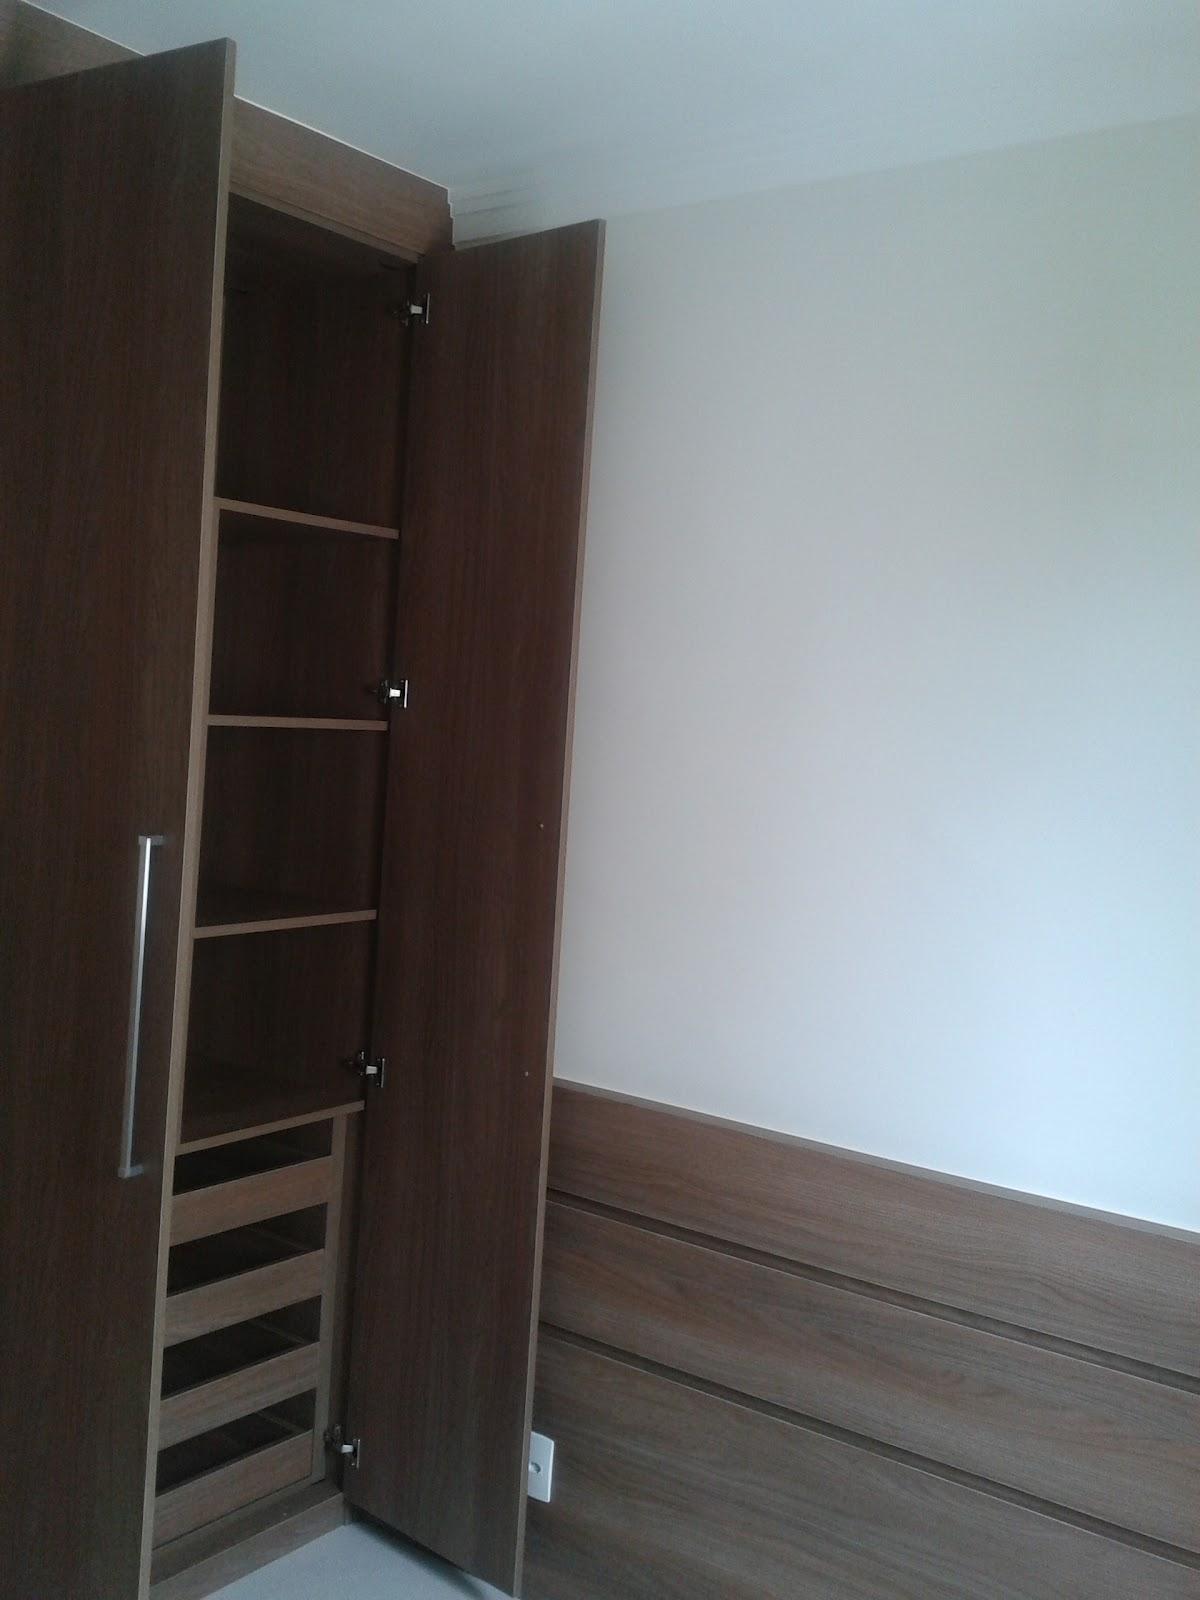 ARQUITETURA E DESIGN VERIDIANA NEVES Jundiaí e região: Apartamento  #506B7B 1200 1600